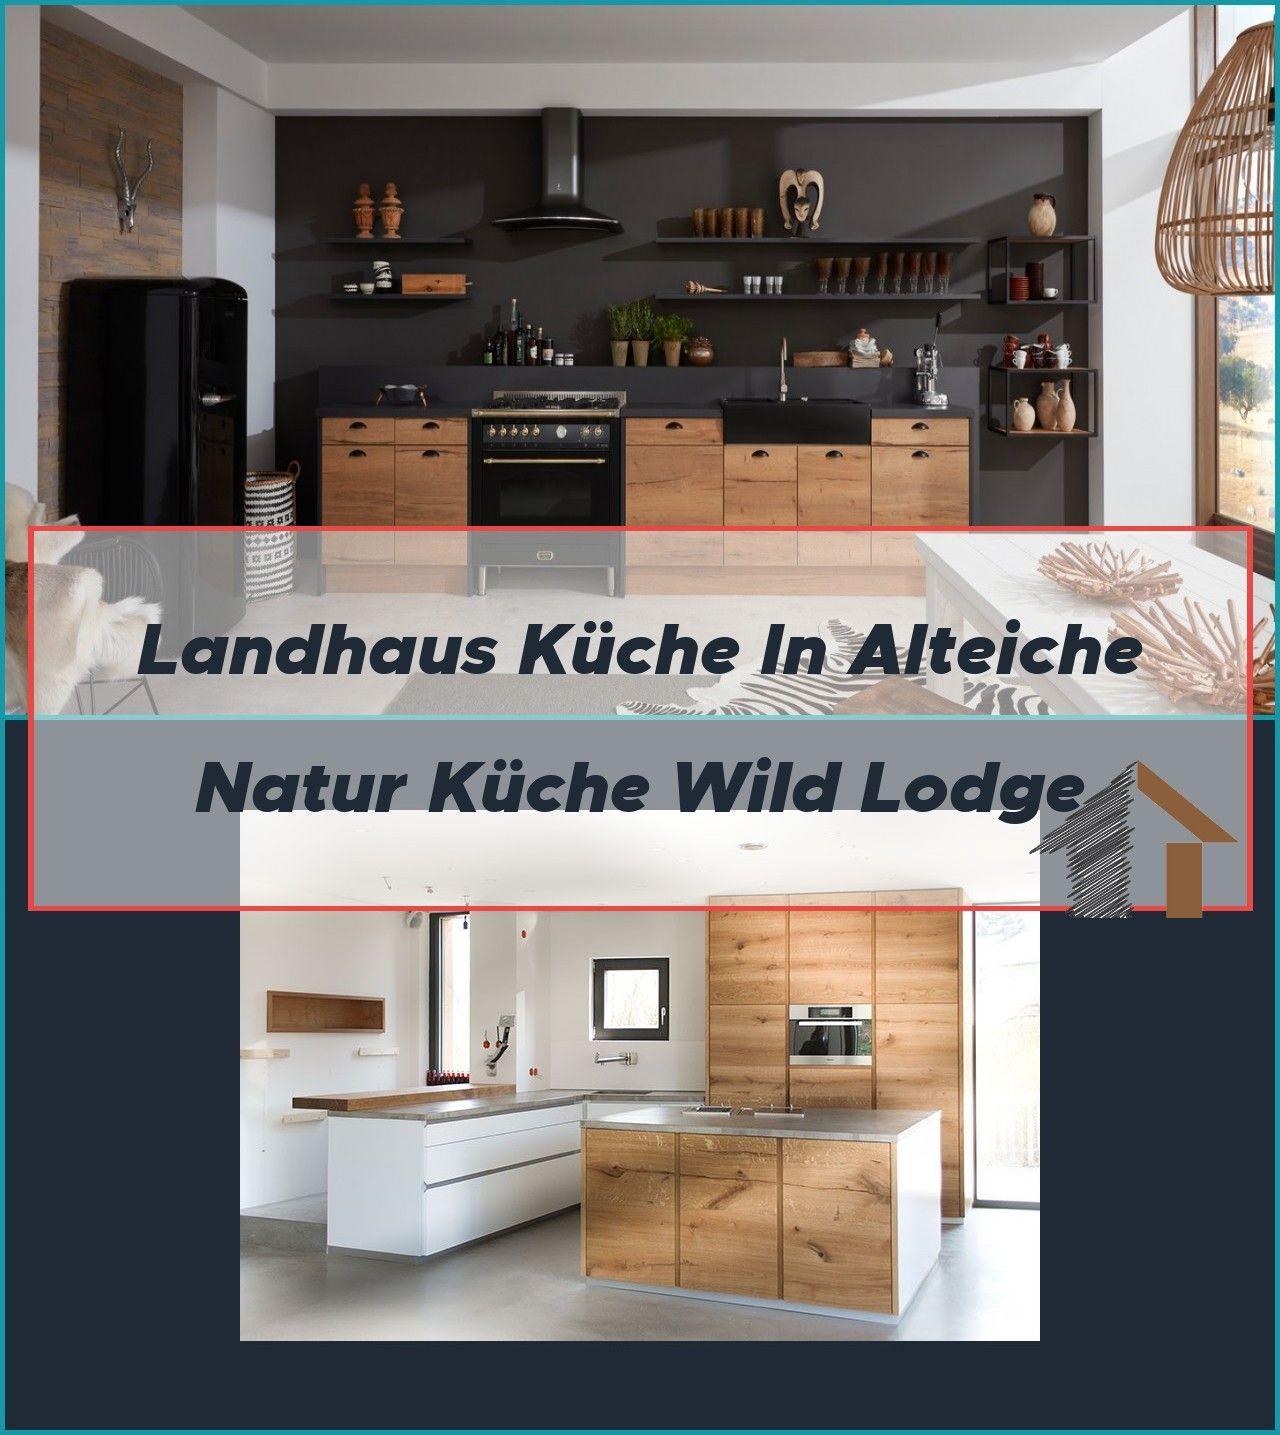 Landhaus Kuche In Alteiche Natur Kuche Wild Lodge Eiche Holz